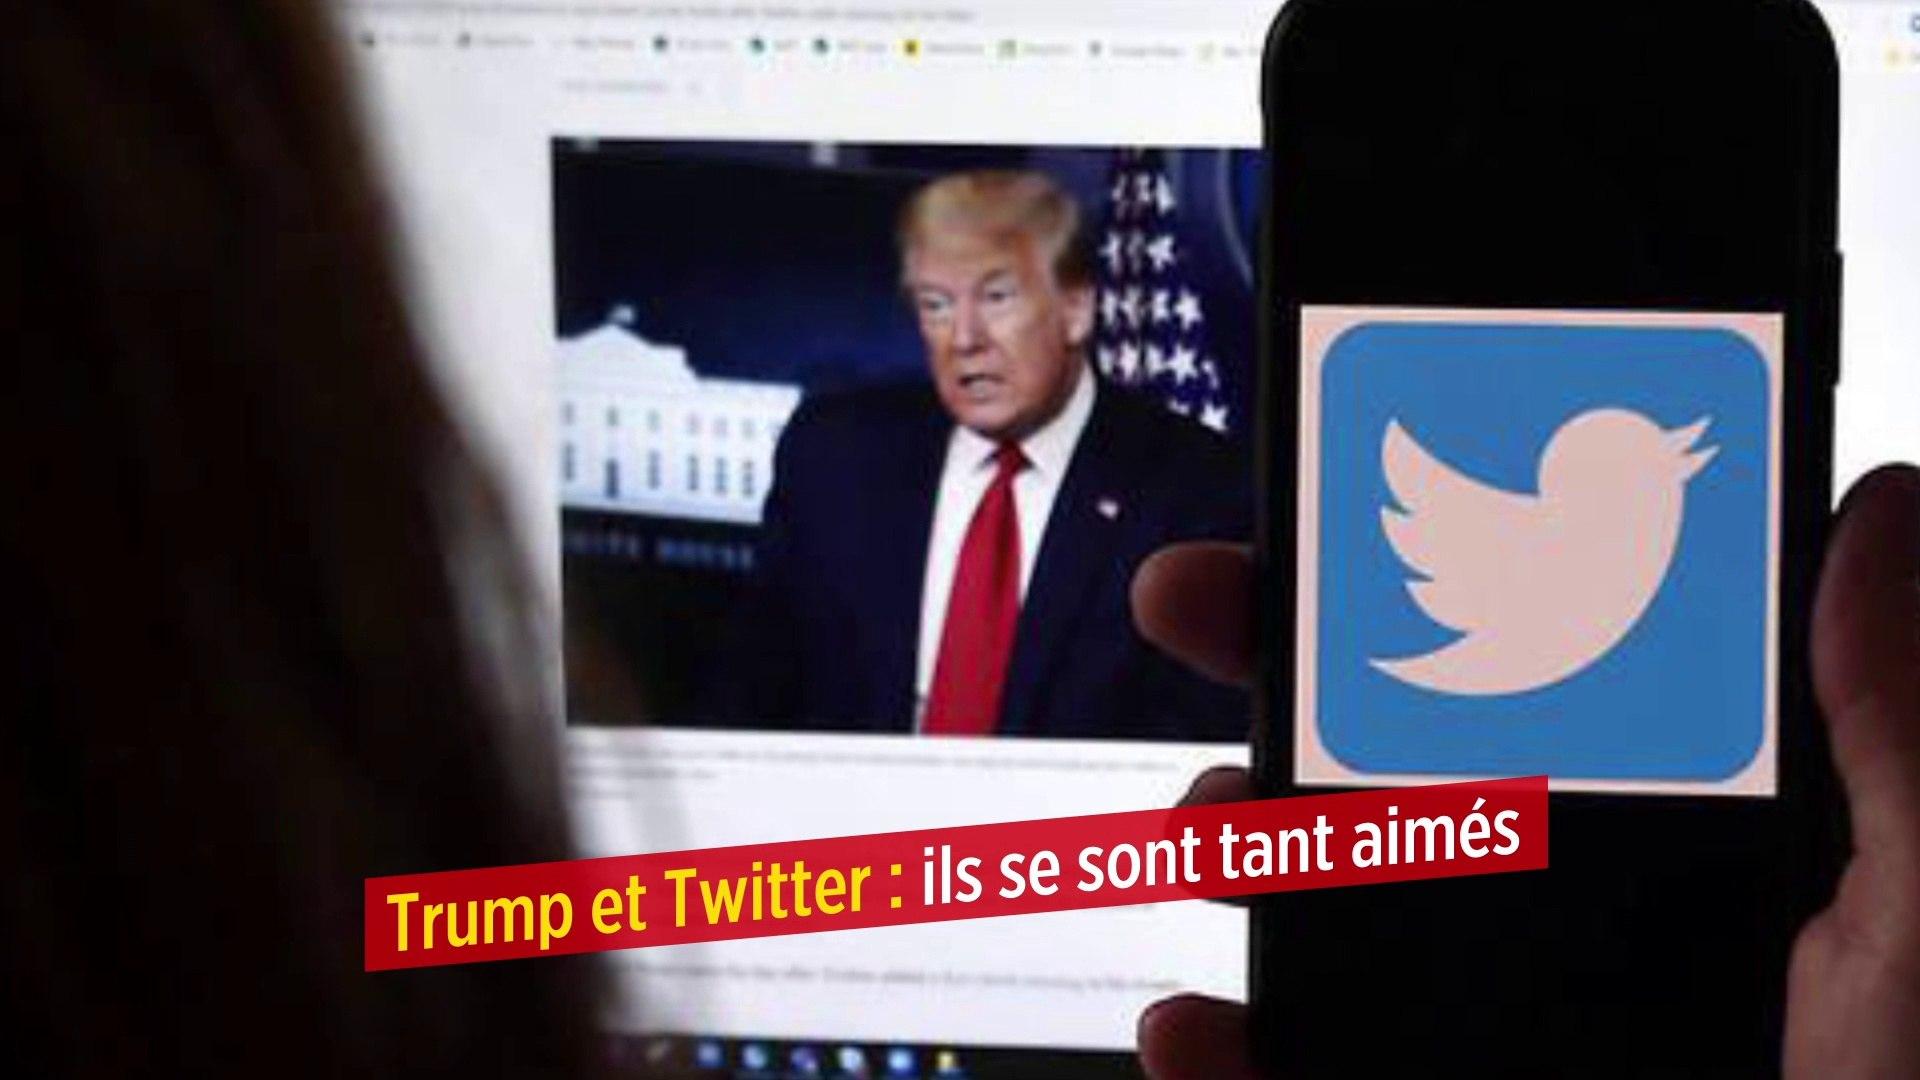 Trump et Twitter : ils se sont tant aimés